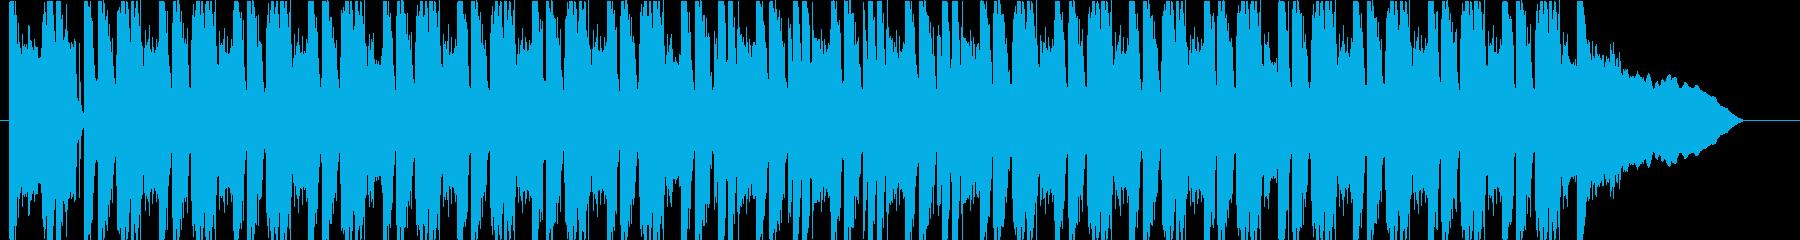 かっこいいエレキギターのロックの再生済みの波形